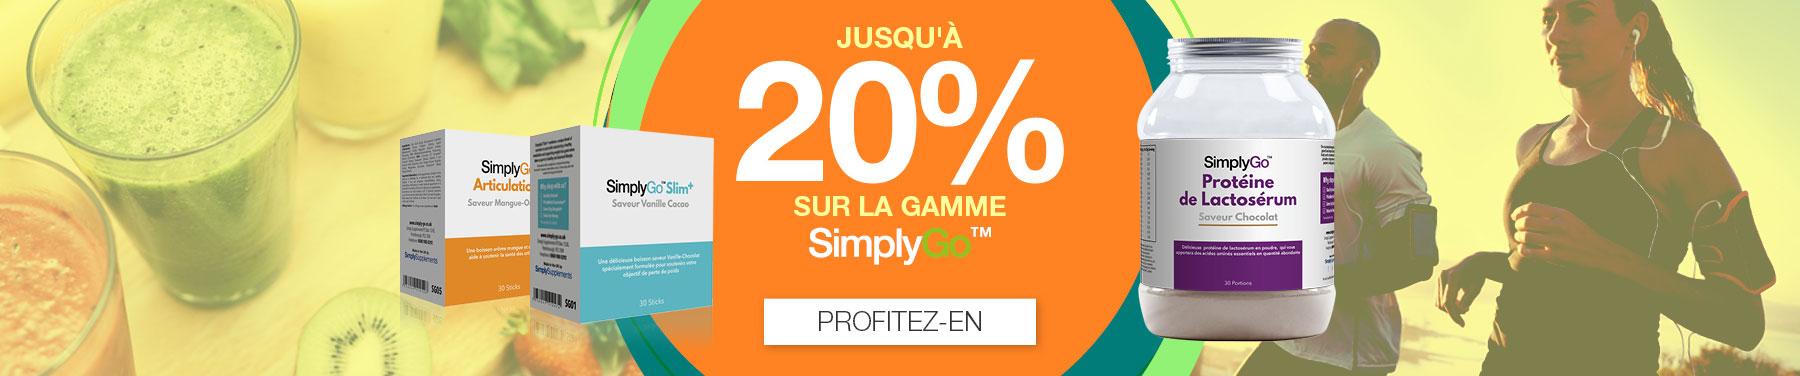 Jusqu'à 20% sur la gamme SimplyGo